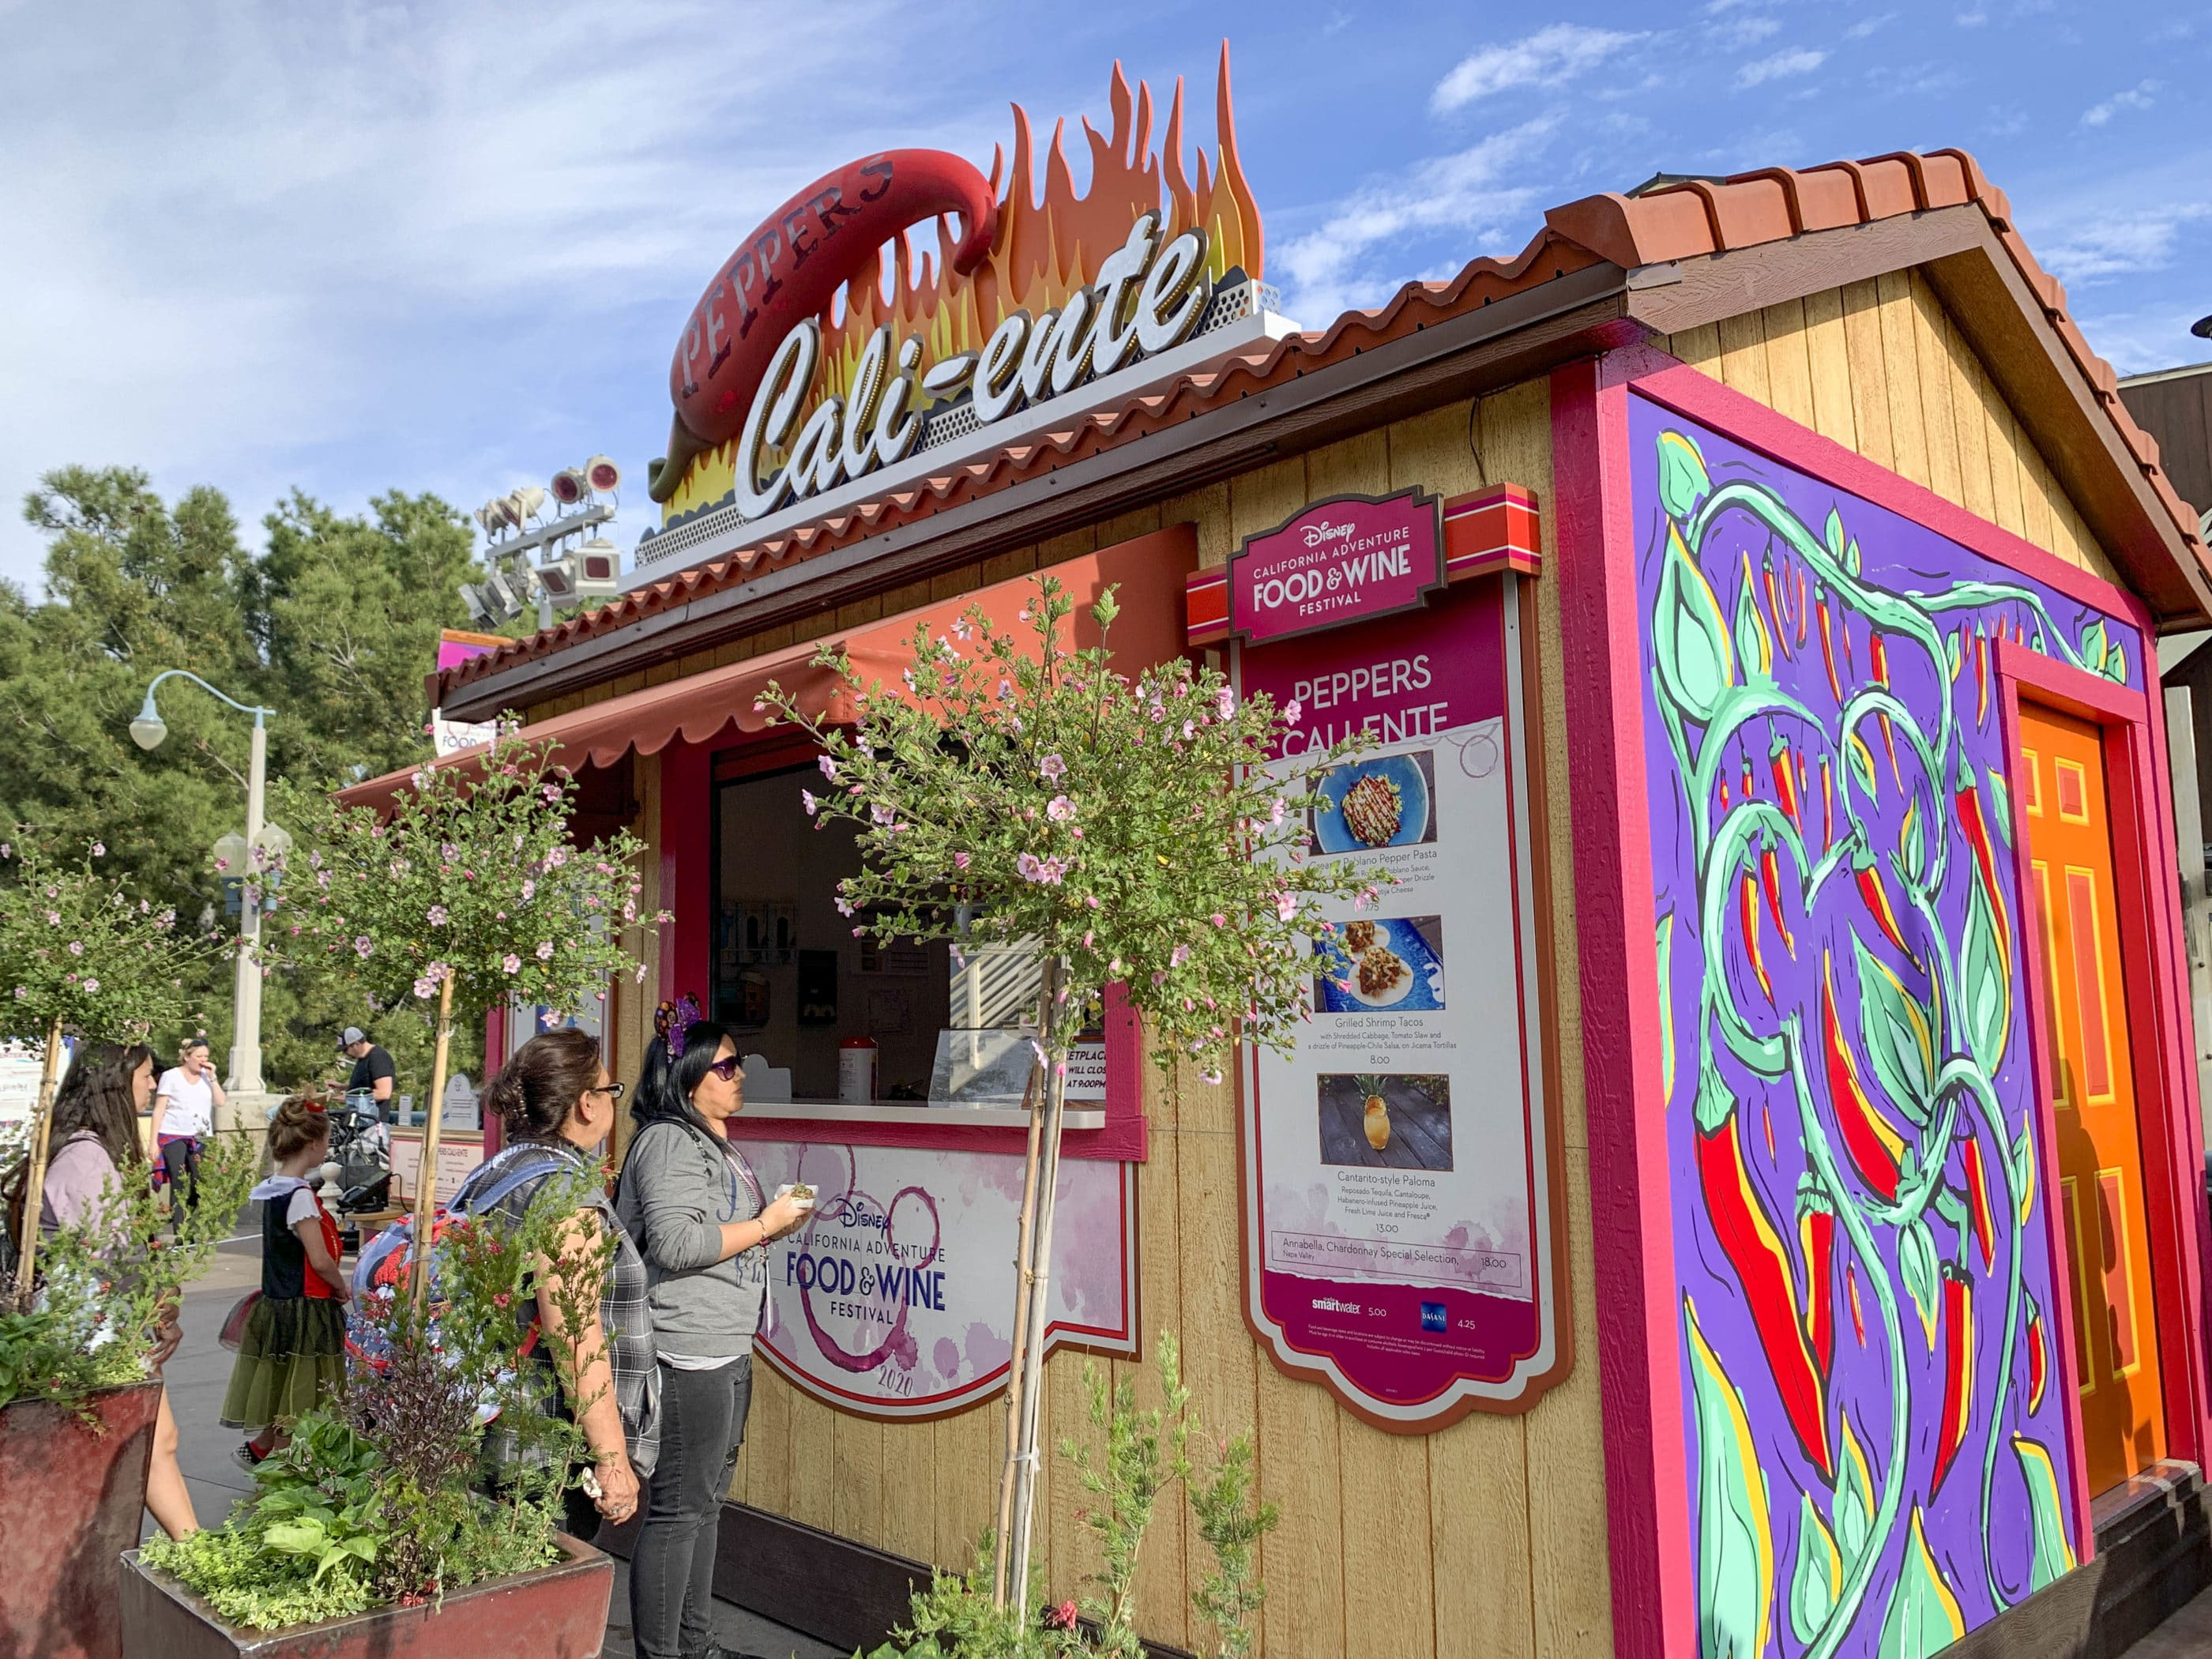 Le kiosque de Cali-ente Marketplace qui vend des plats plus épicés.